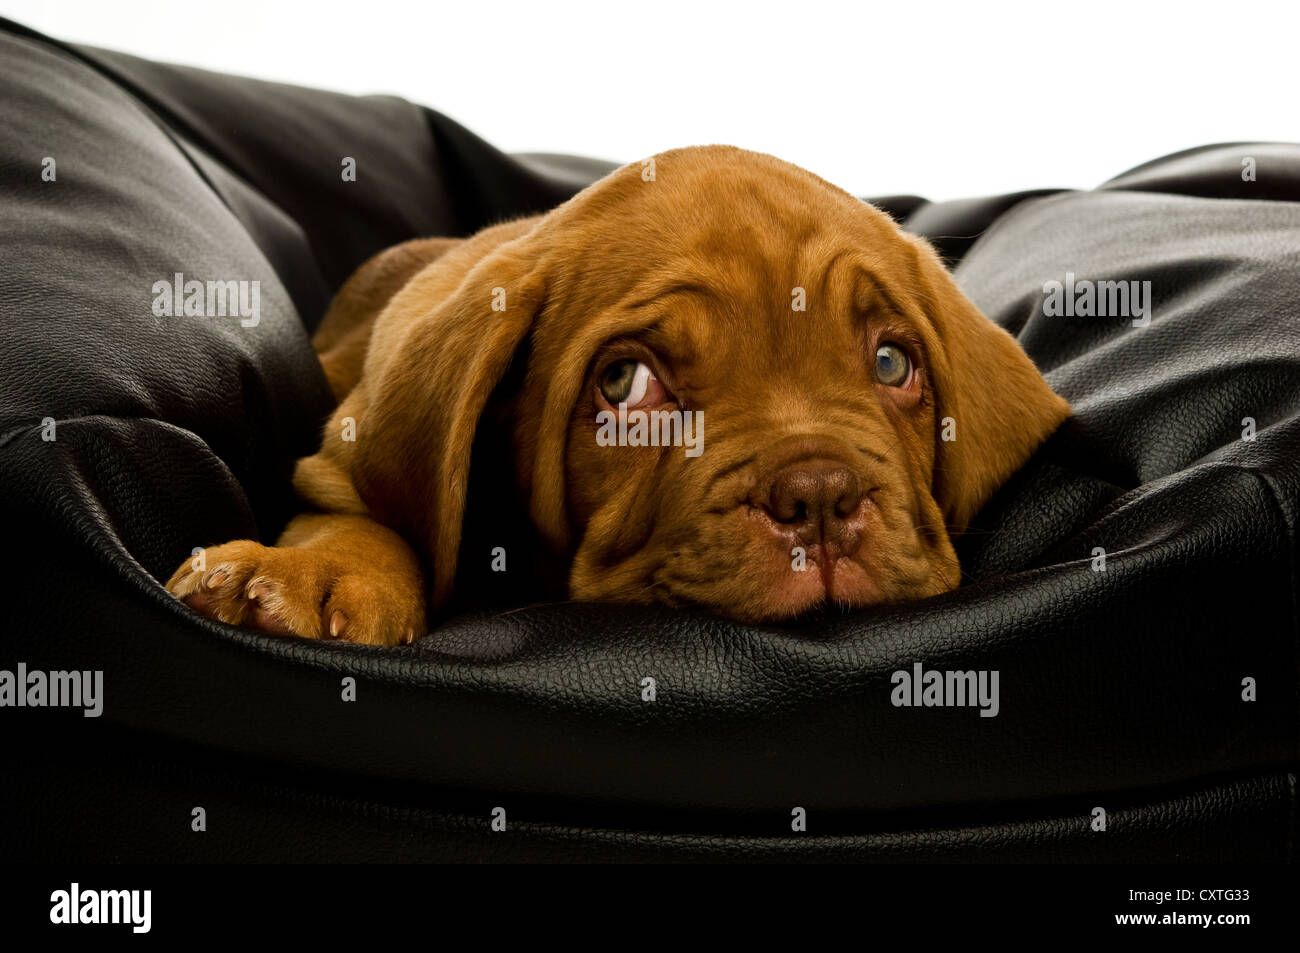 Dogue De Bordeaux puppy on a black bean bag - Stock Image